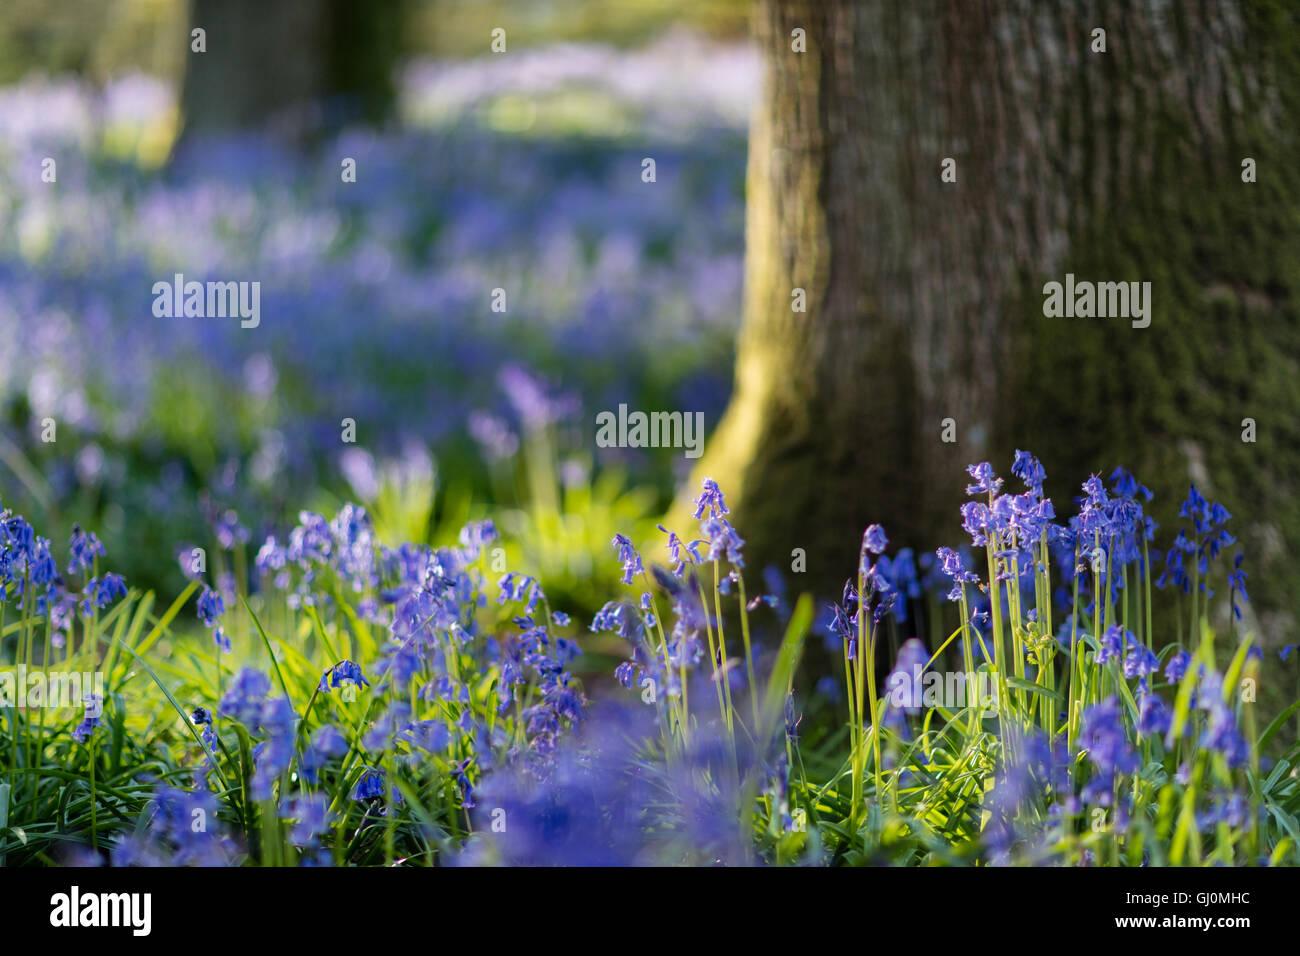 Glockenblumen in den Wäldern in der Nähe von Minterne Magna, Dorset, England Stockbild